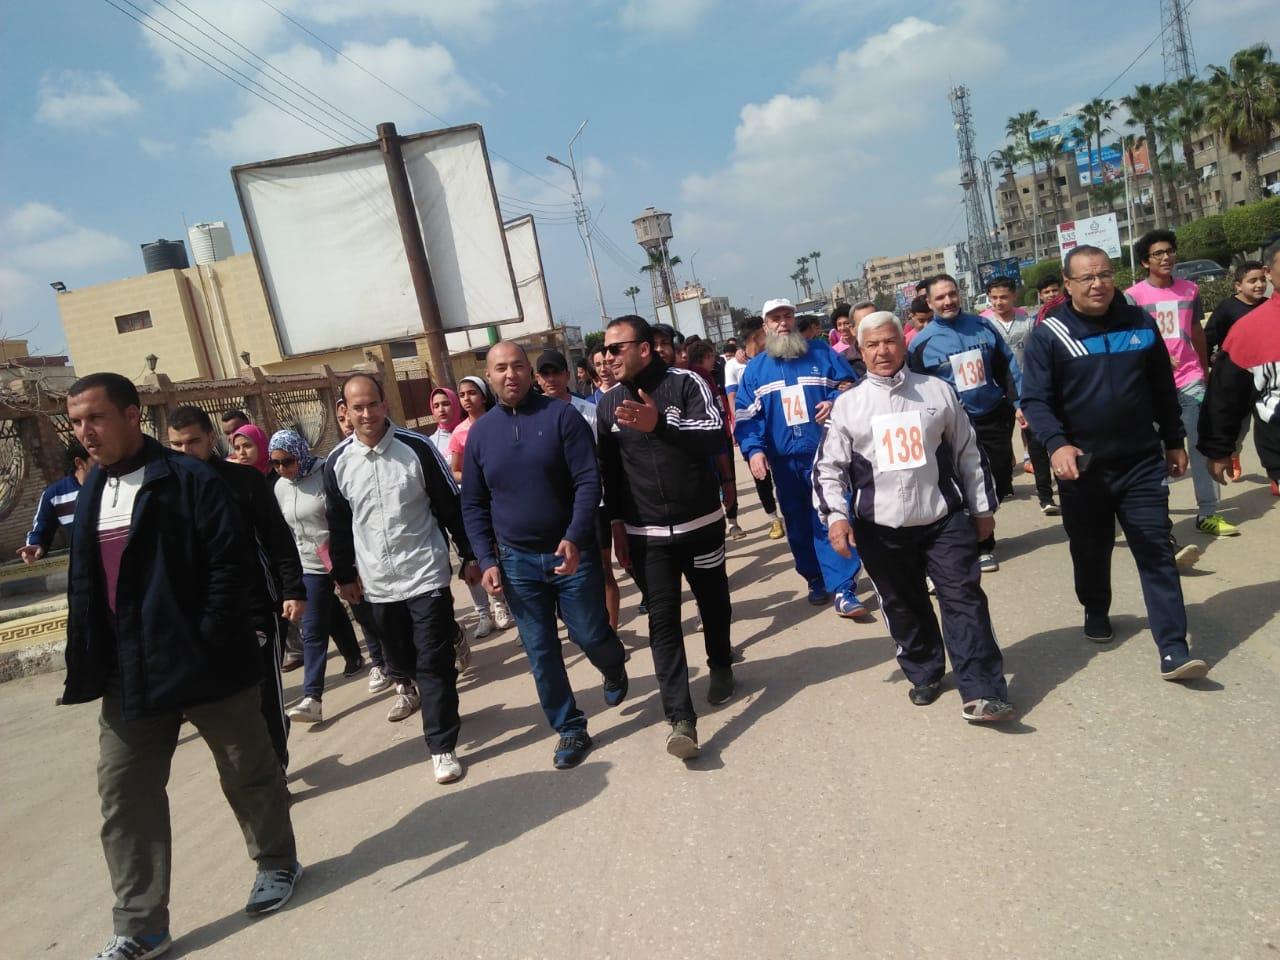 جري ومشي لتنشيط الأحياء السكنية بمدينة كفرالشيخ  (5)